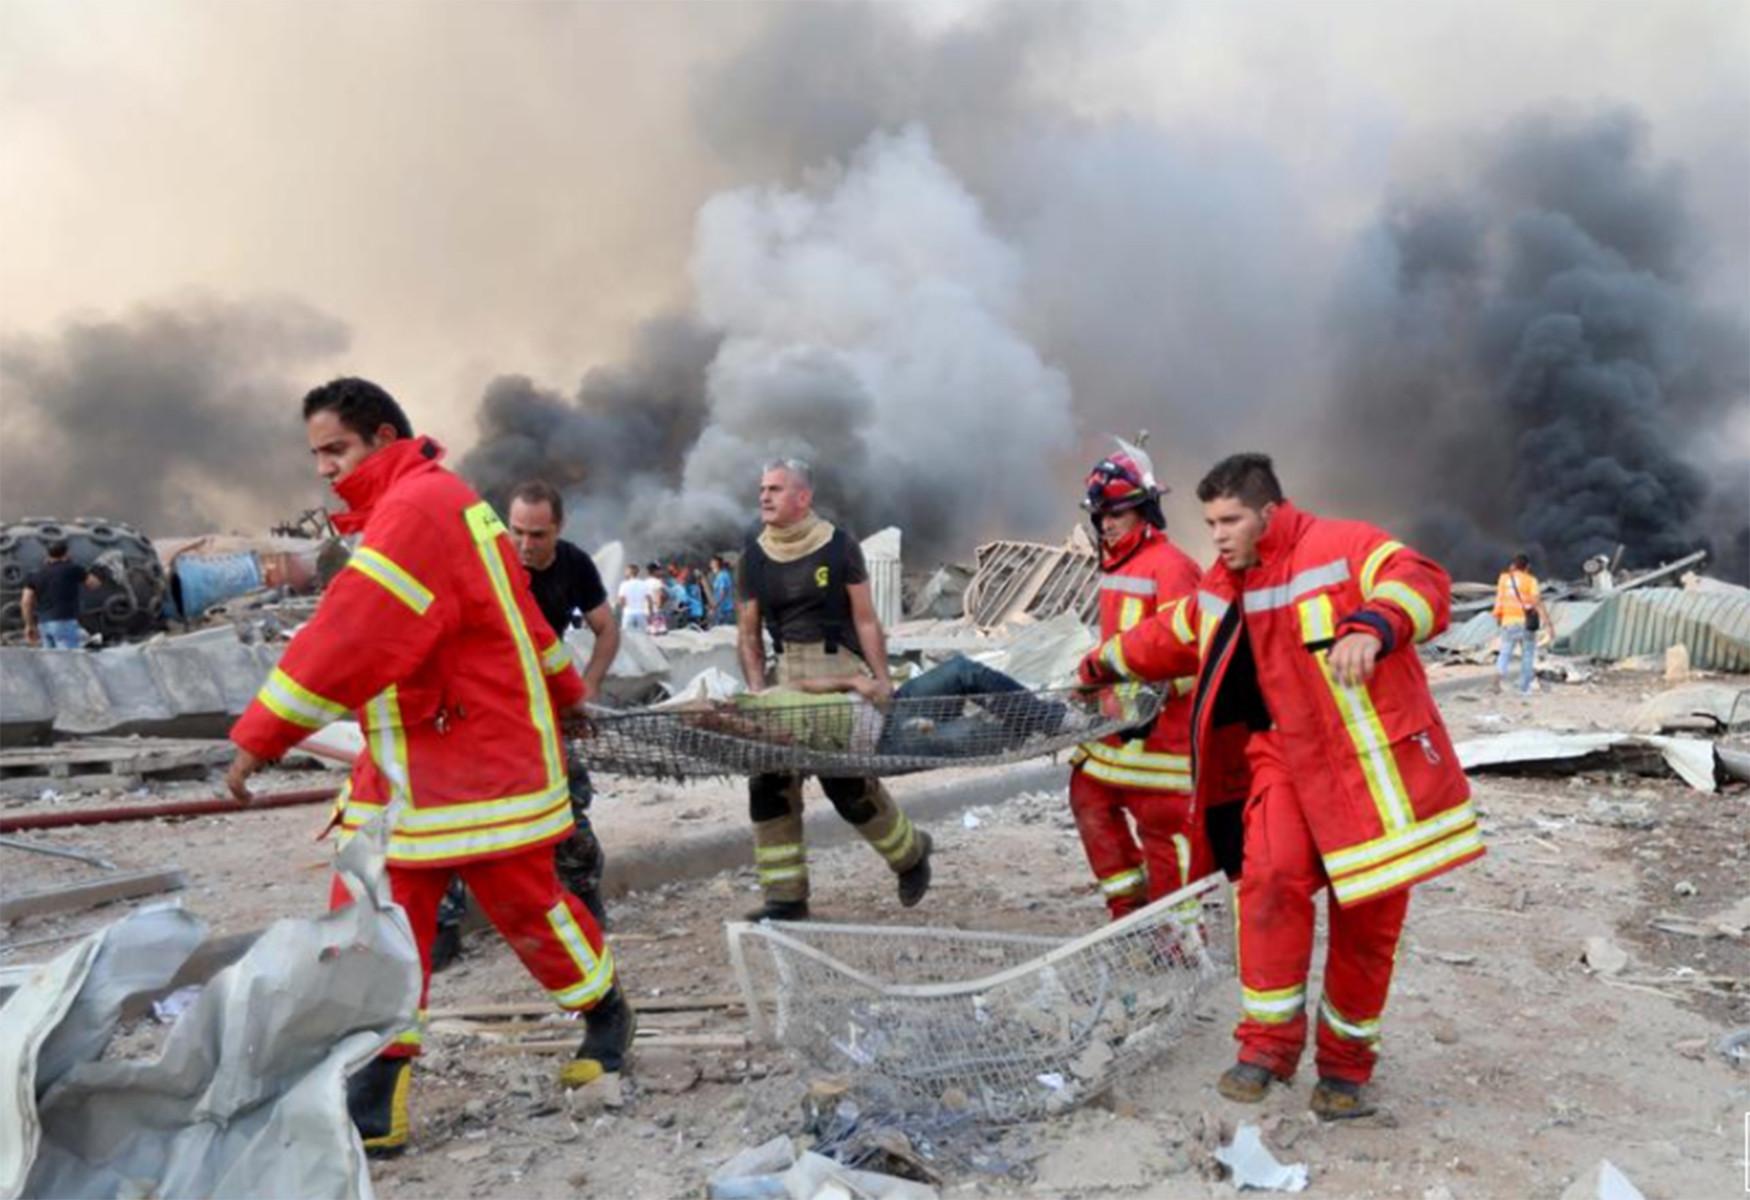 Lihat Betapa Dahsyatnya Ledakan di Lebanon, 78 Meninggal, 1 WNI jadi Korban - JPNN.com